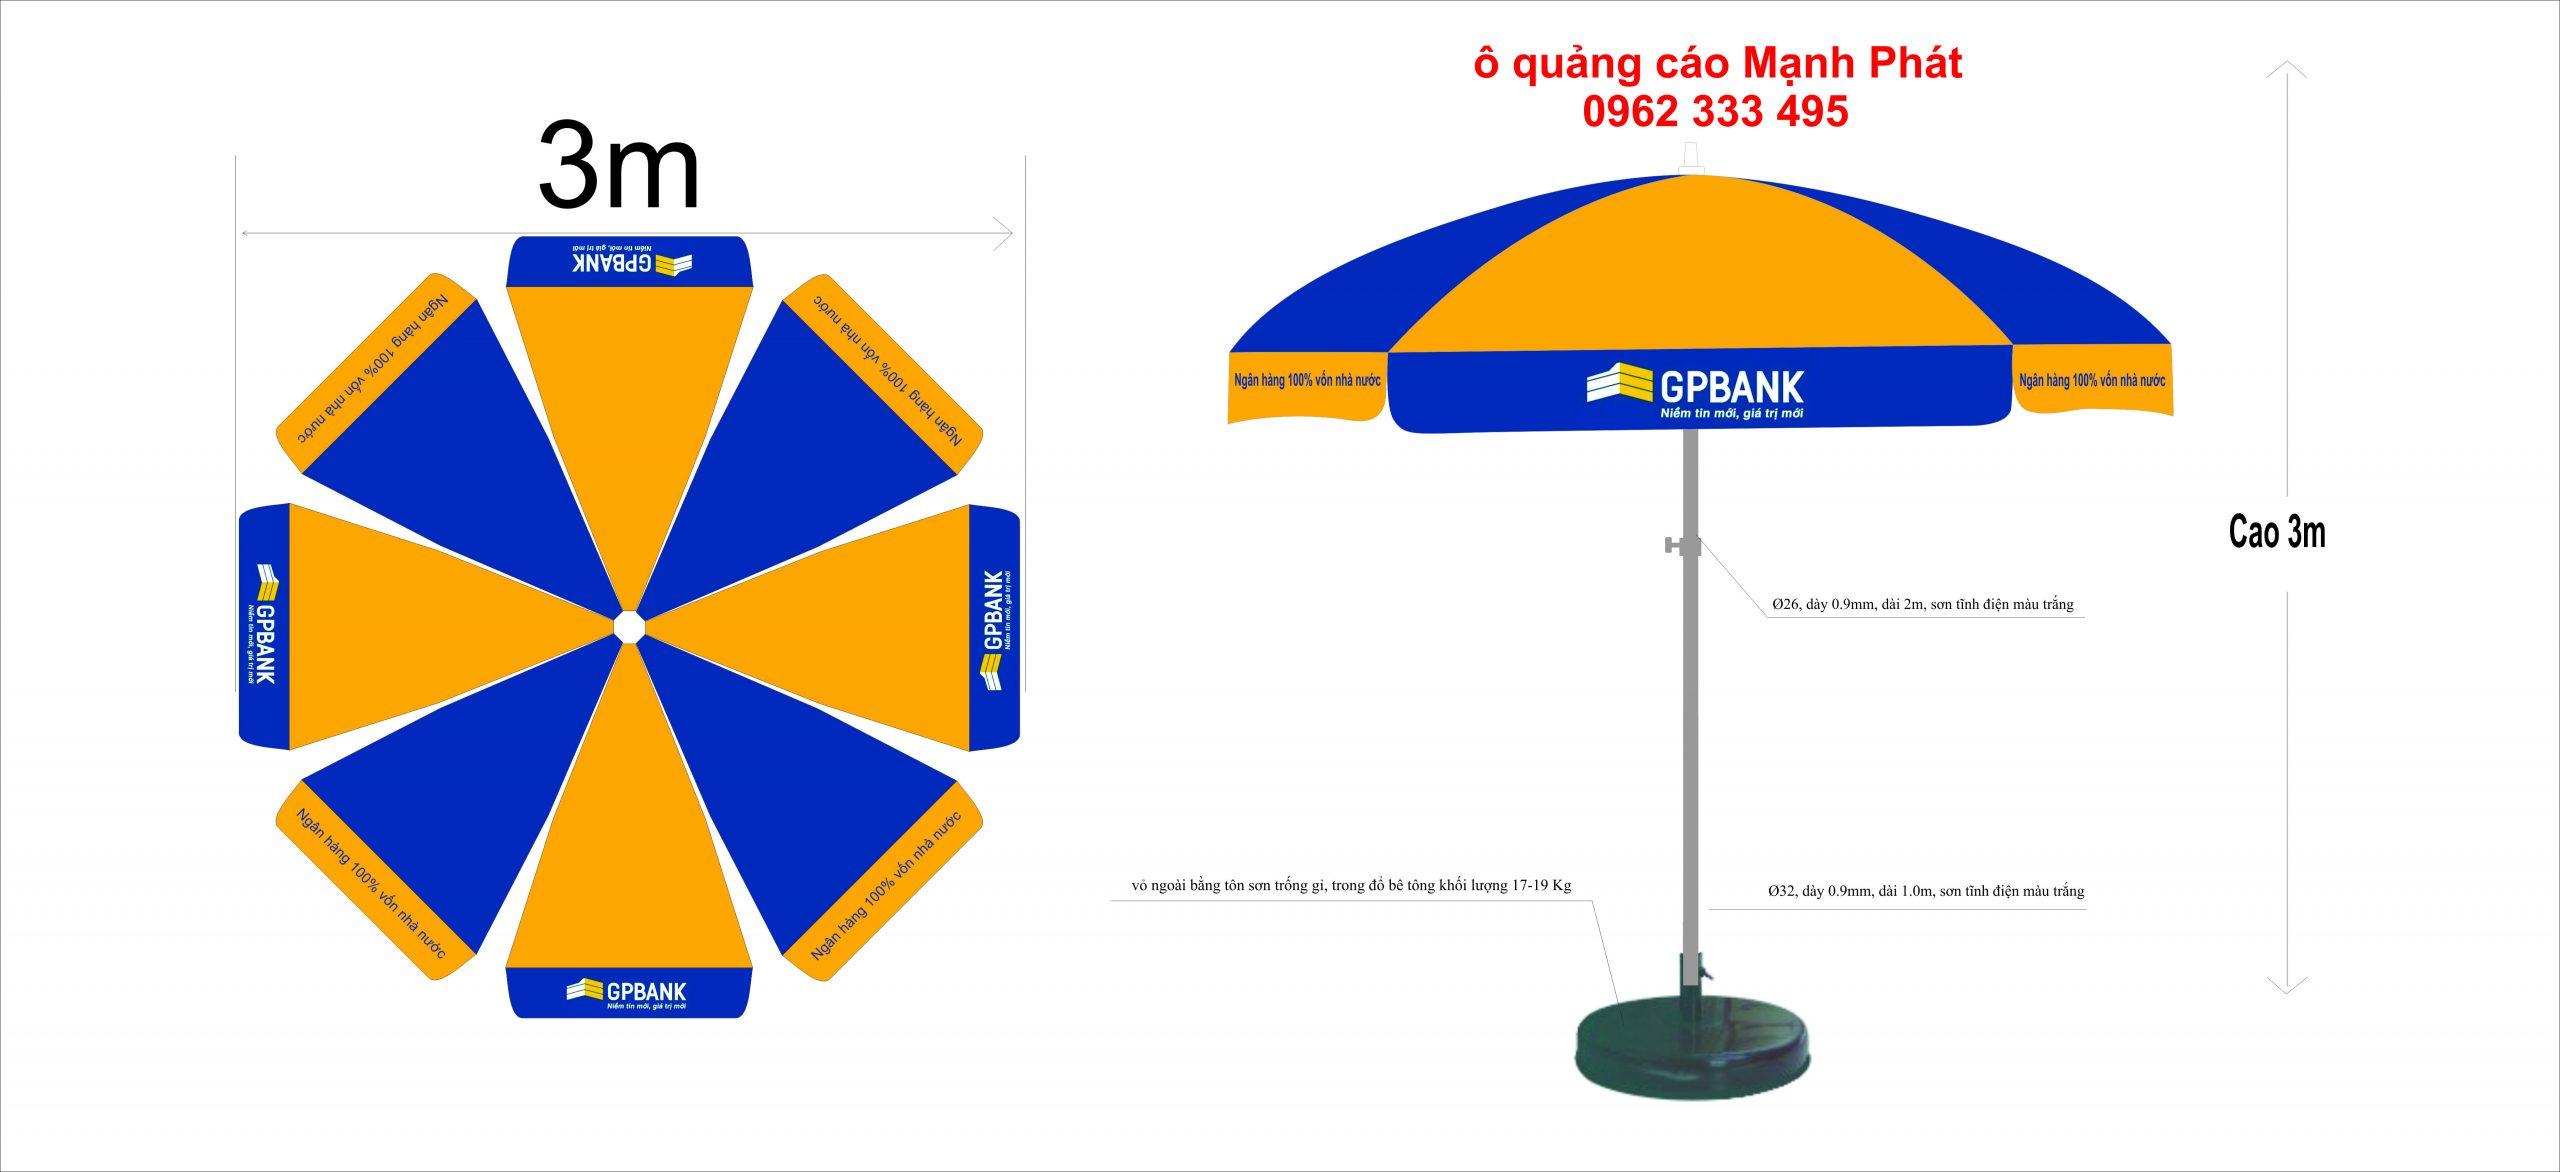 ô quảng cáo ngân hàng GPbank